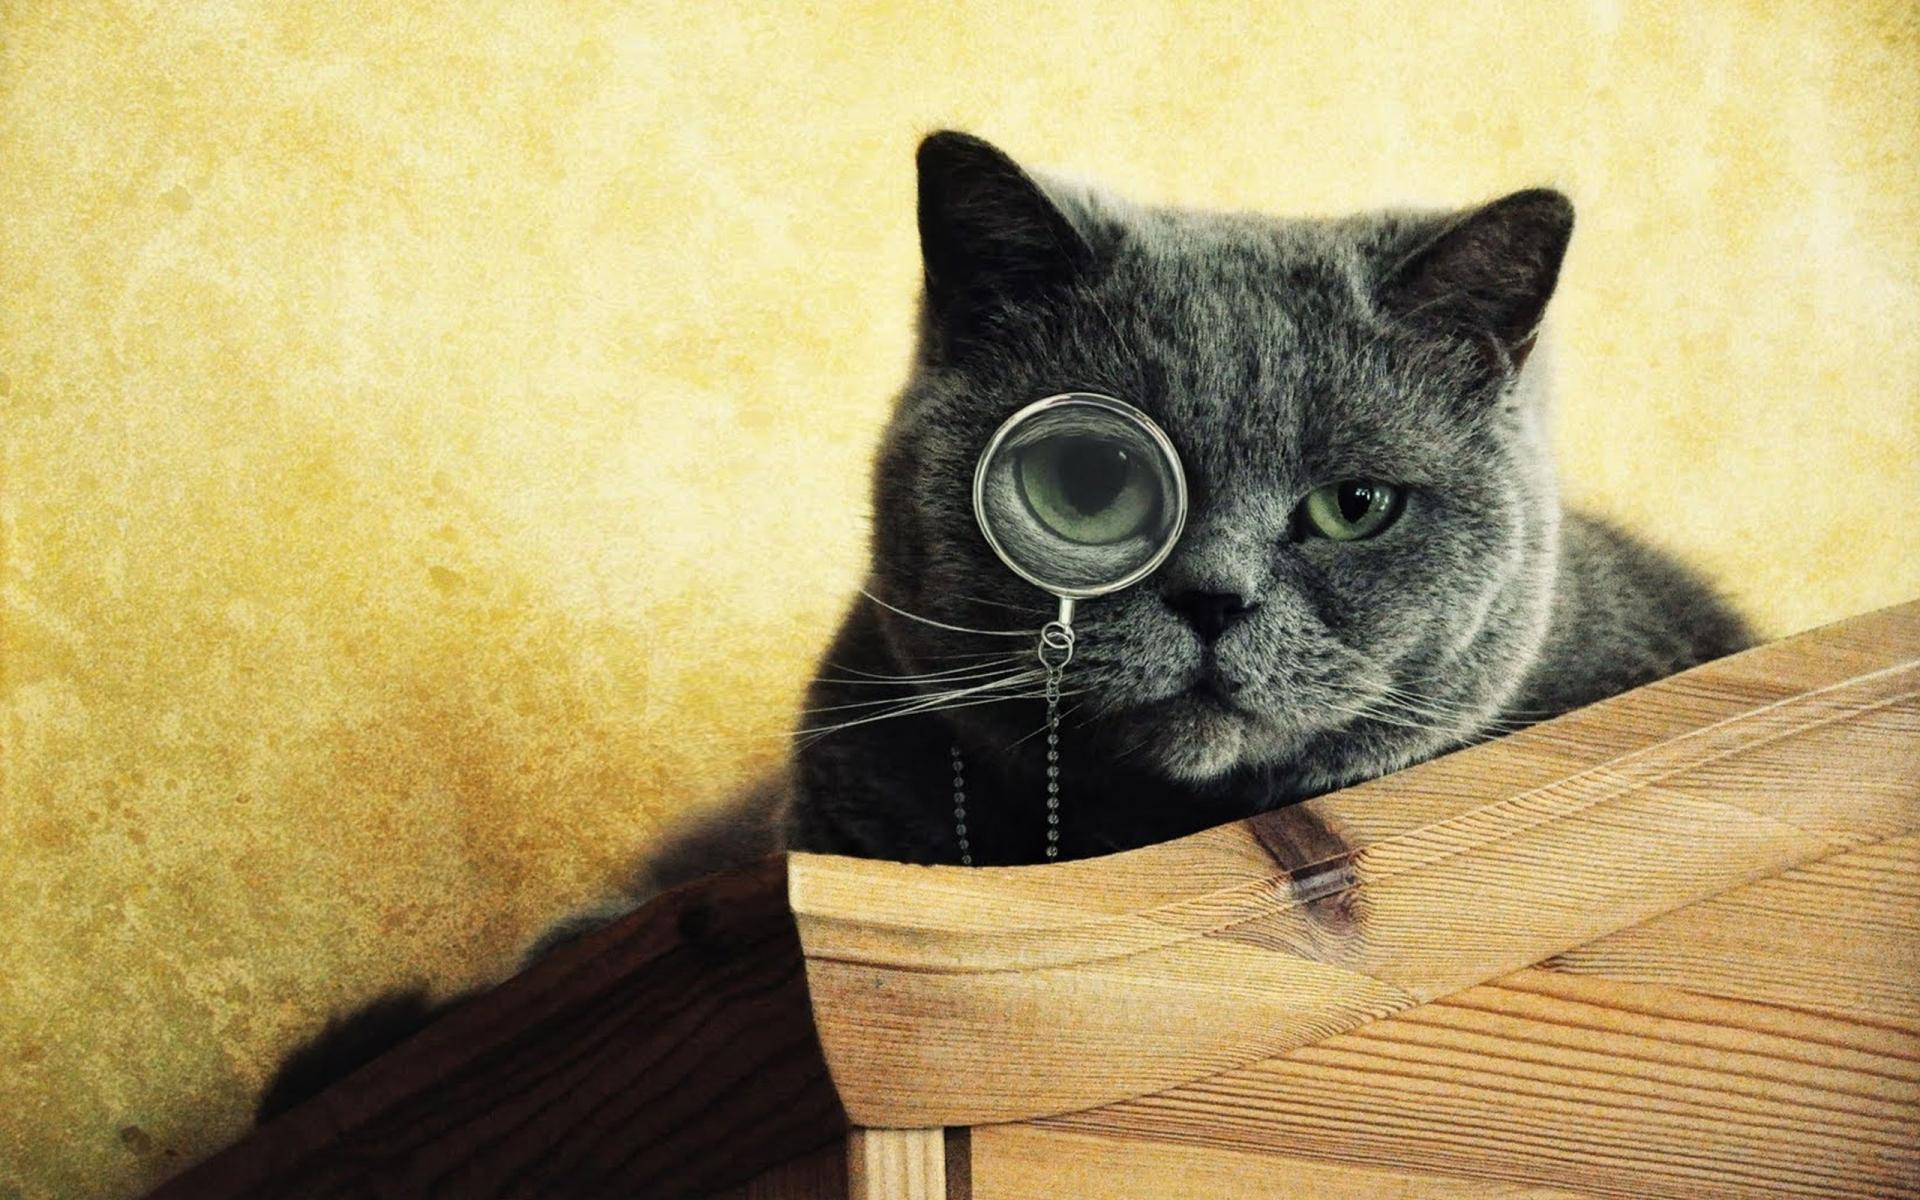 Imágenes graciosas de gatos - 1920x1200